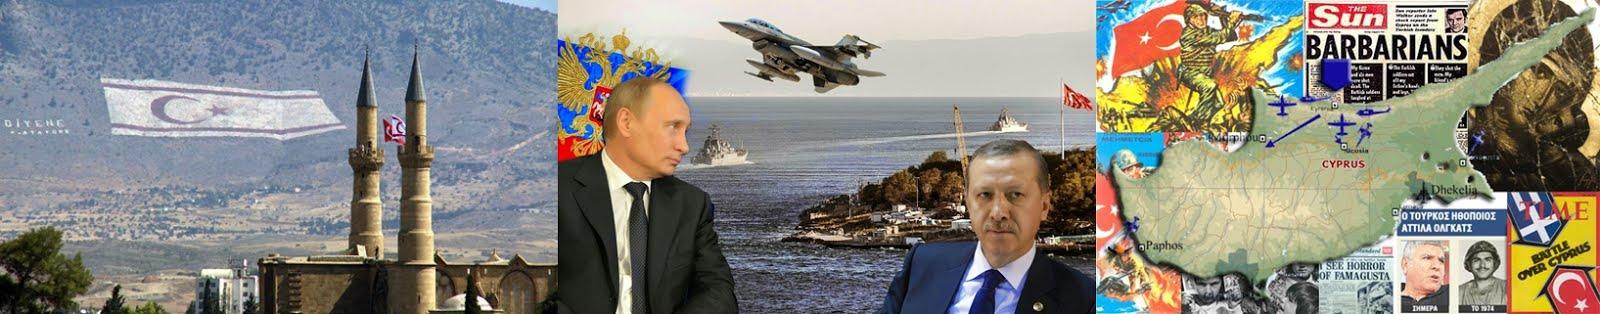 """Περί (δήθεν) ιστορικής """"Ρωσοελληνικής Φιλίας""""..."""